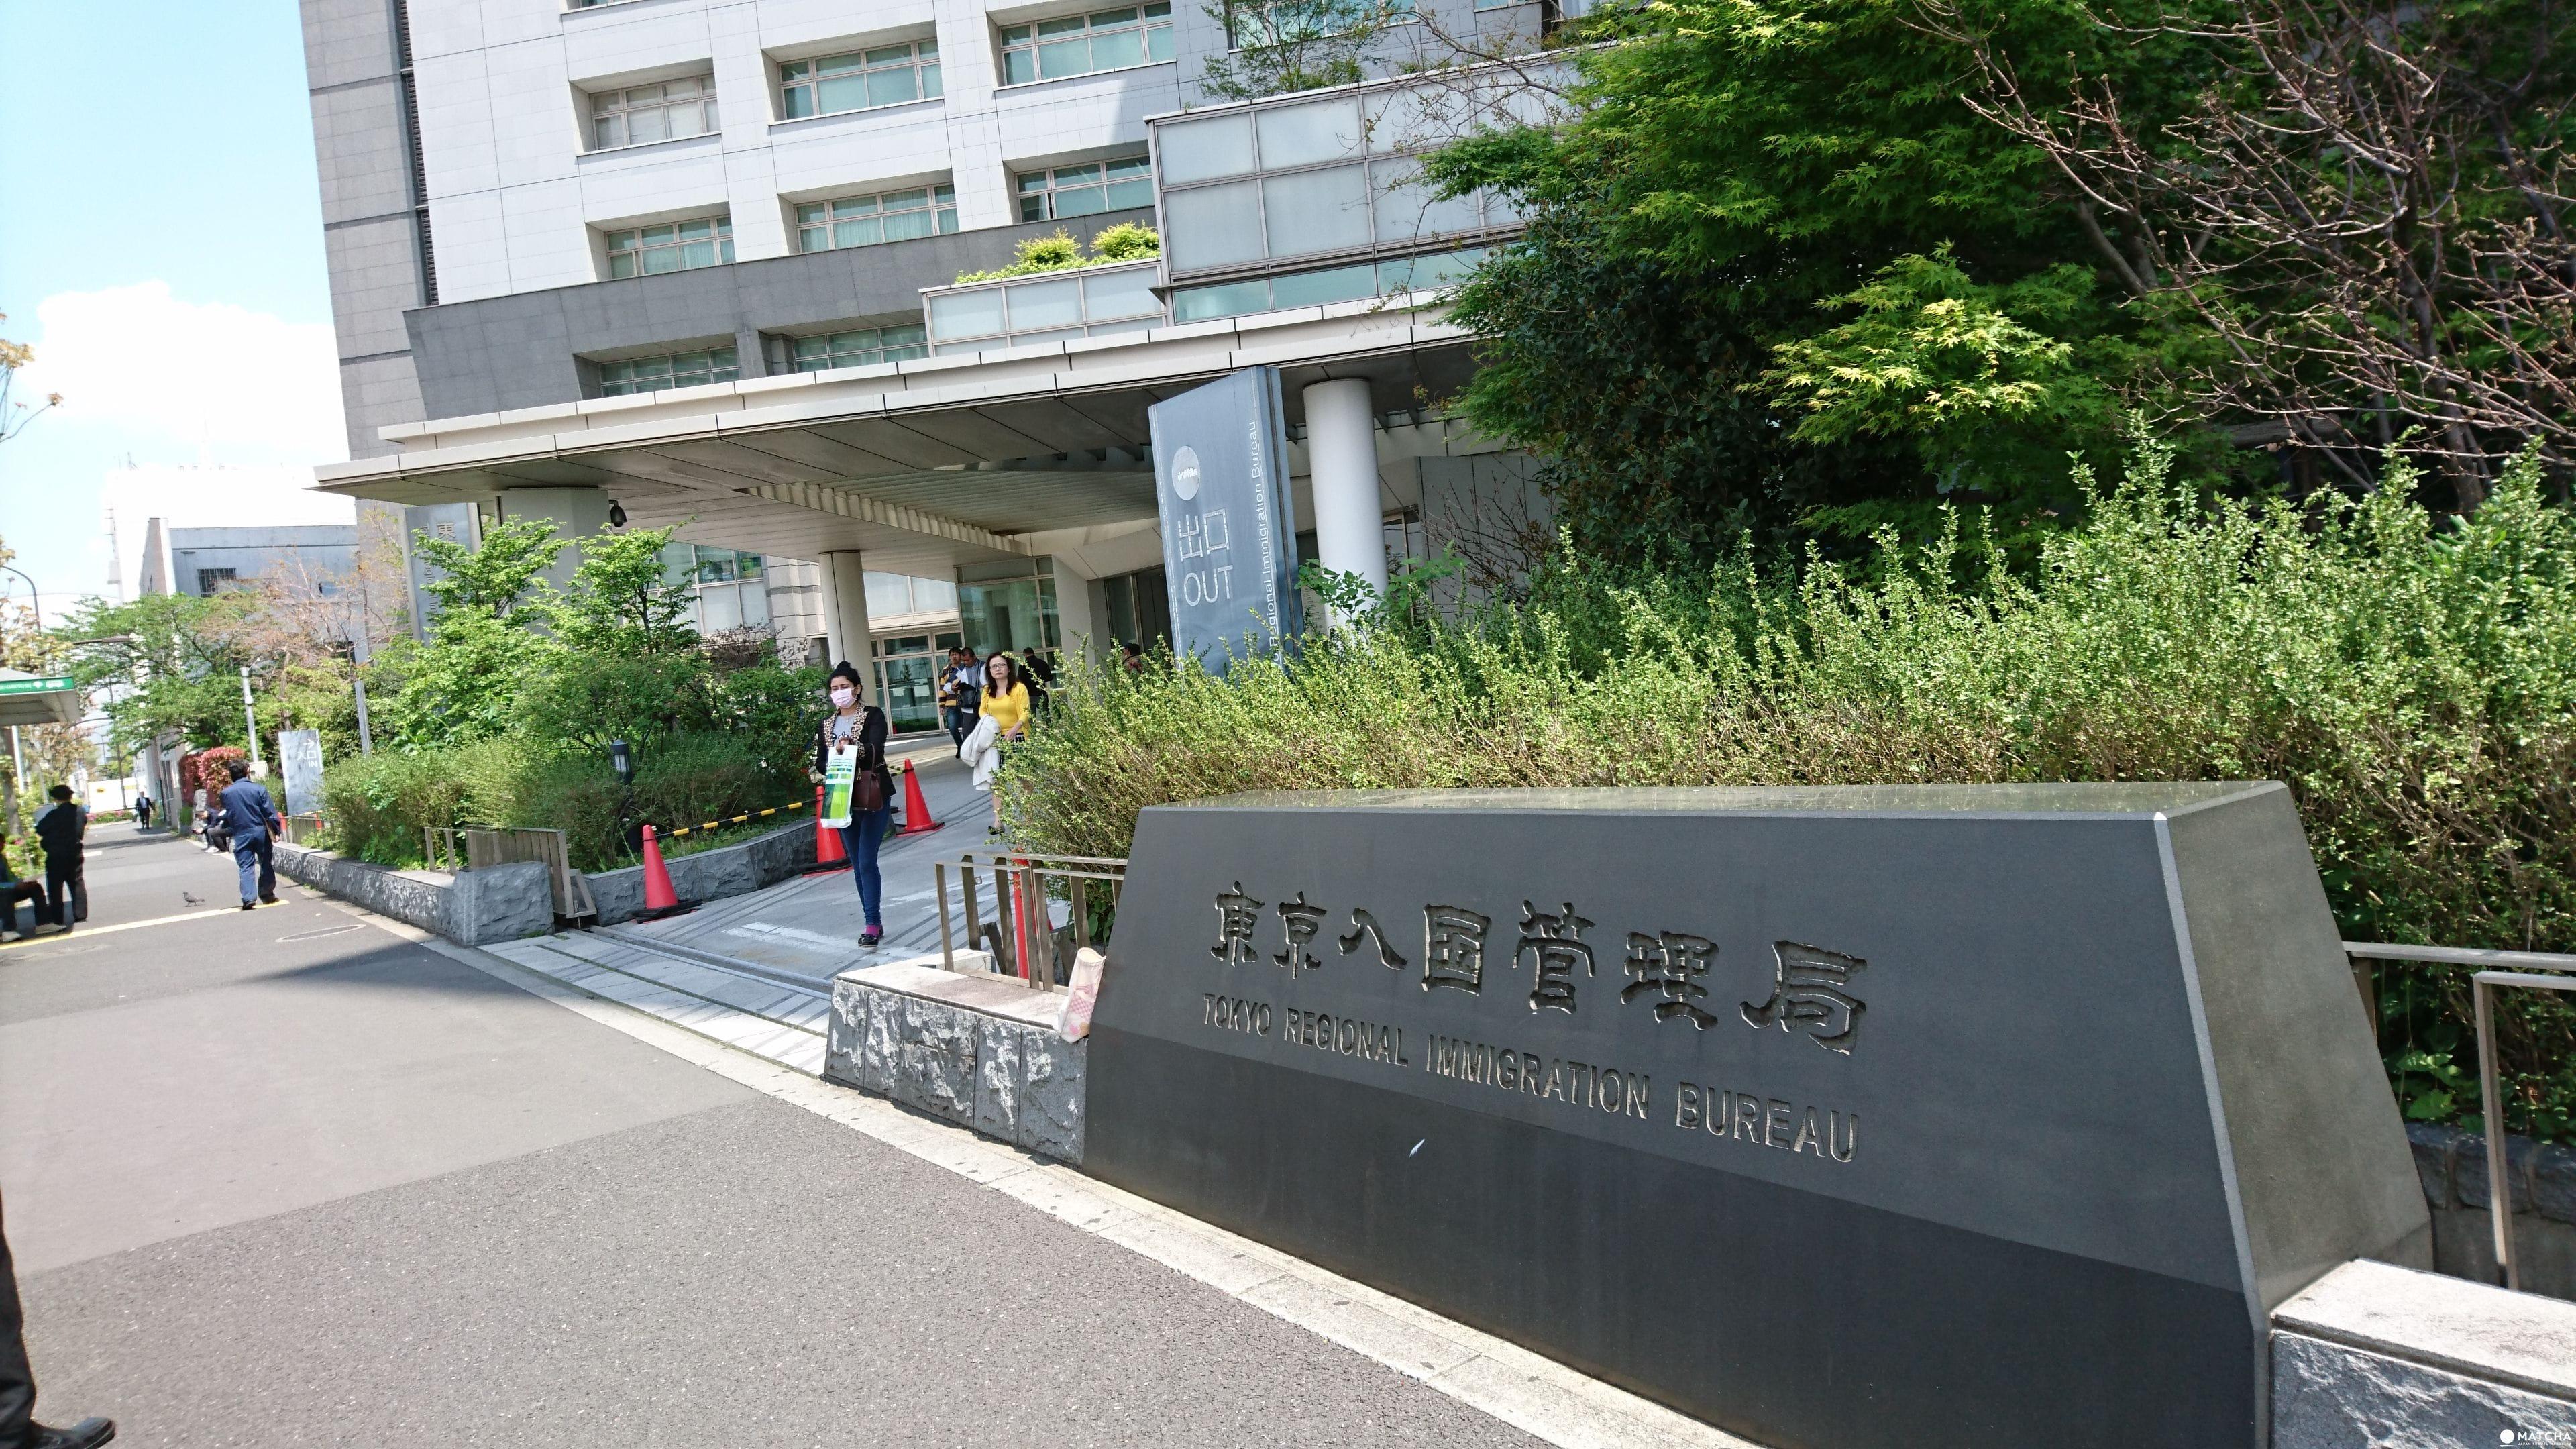 【簽證。交通】迎接新身分,前往東京入國管理局的路線解說